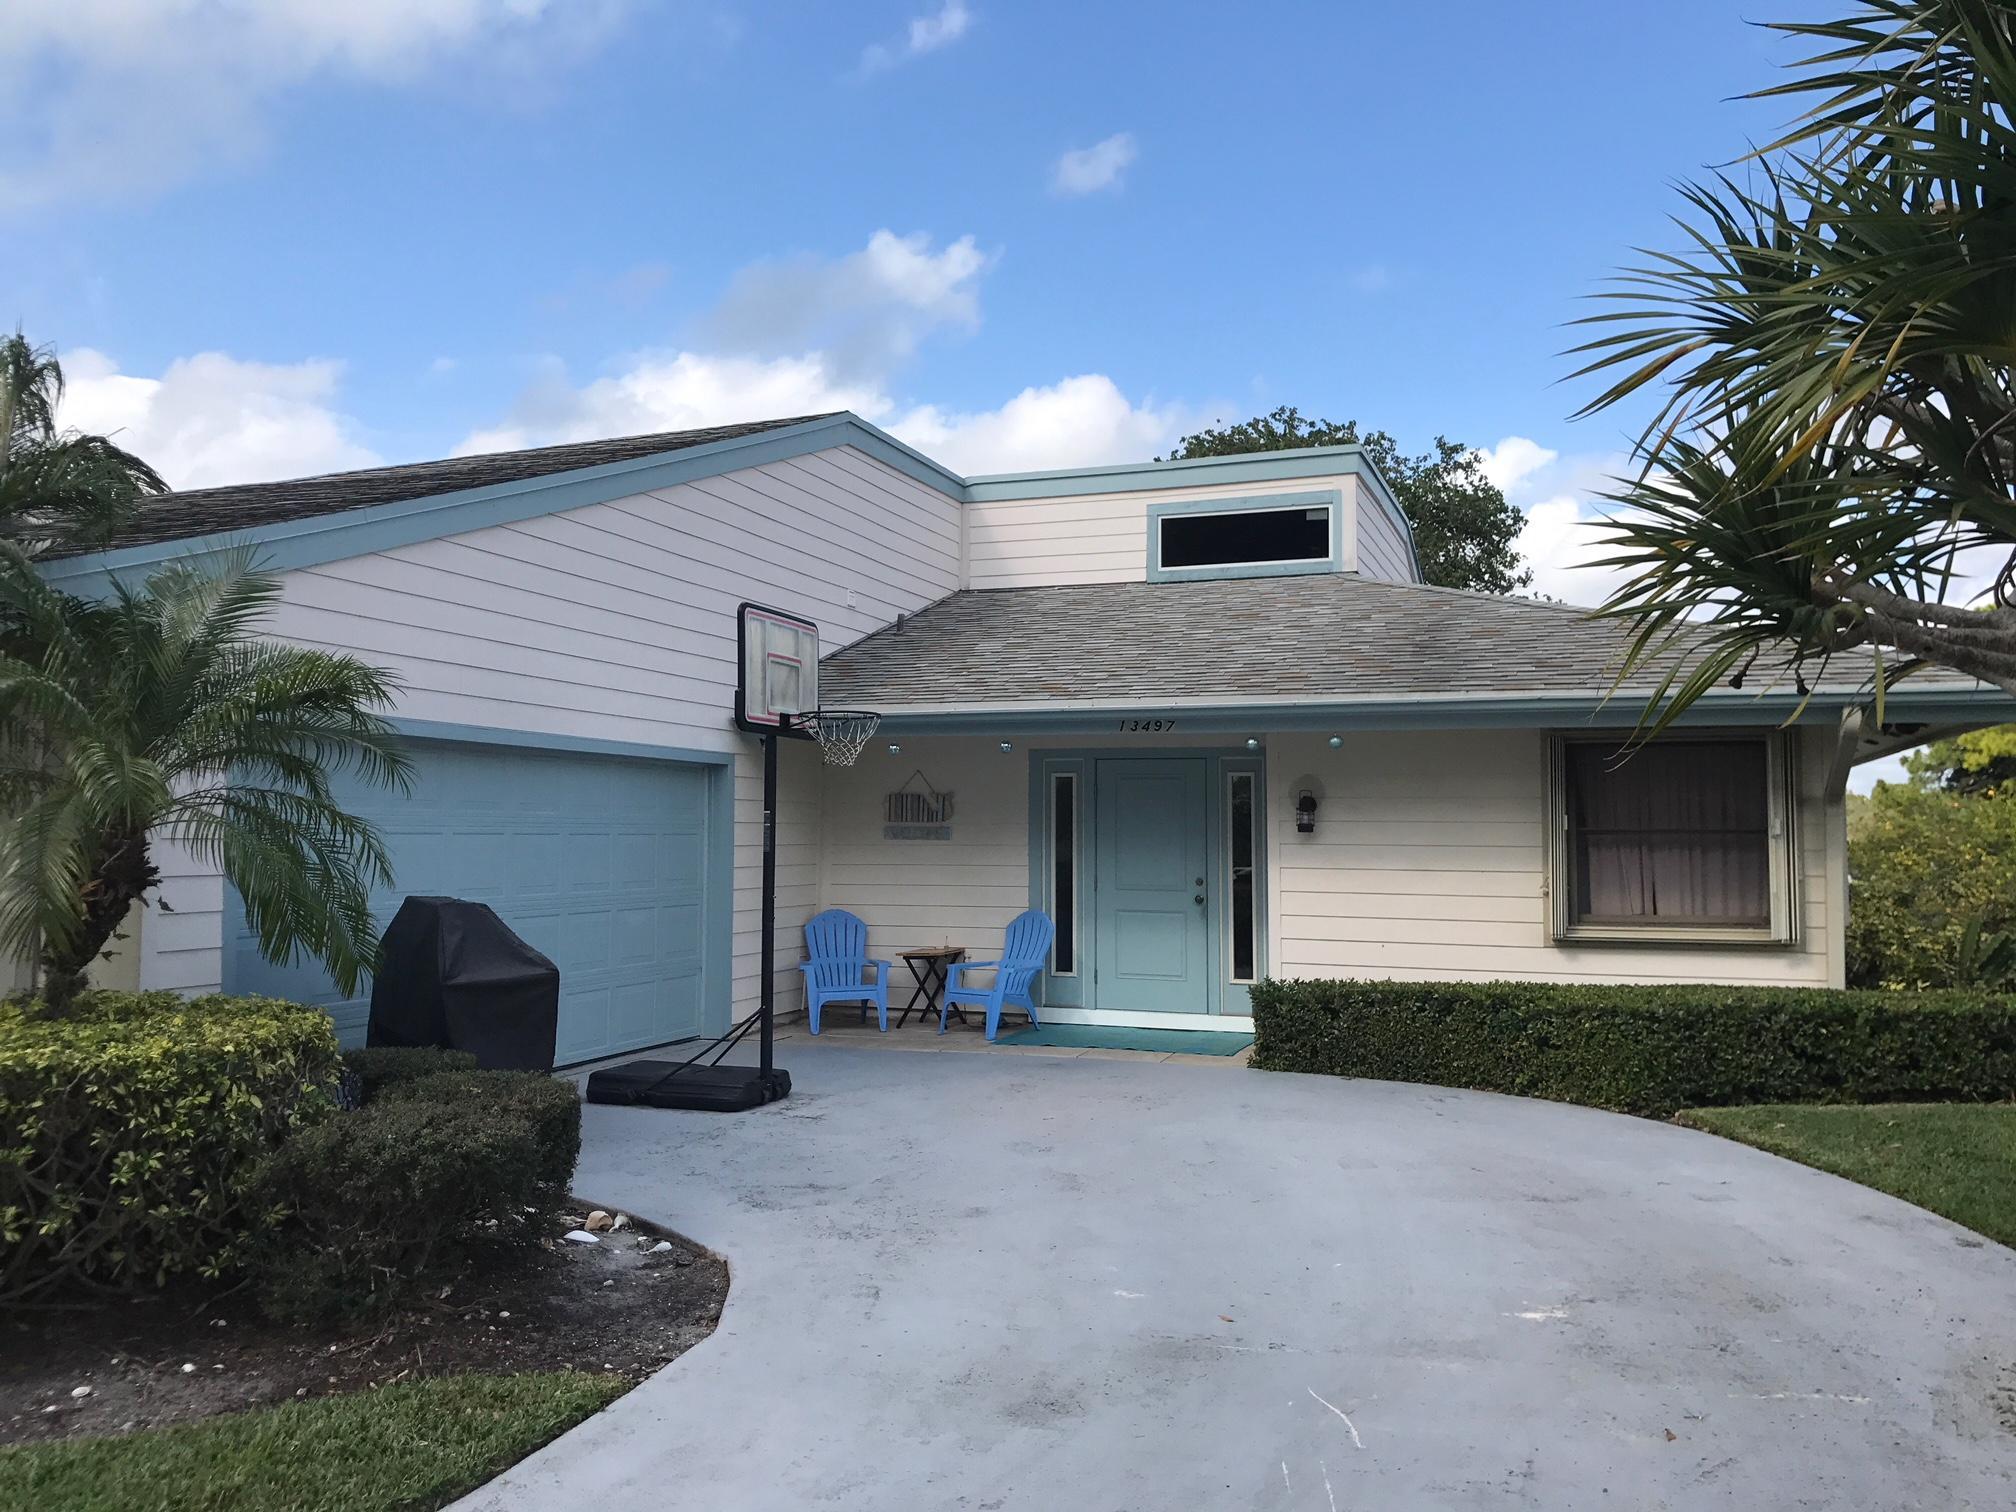 Photo of 13497 Garth Court, Palm Beach Gardens, FL 33418